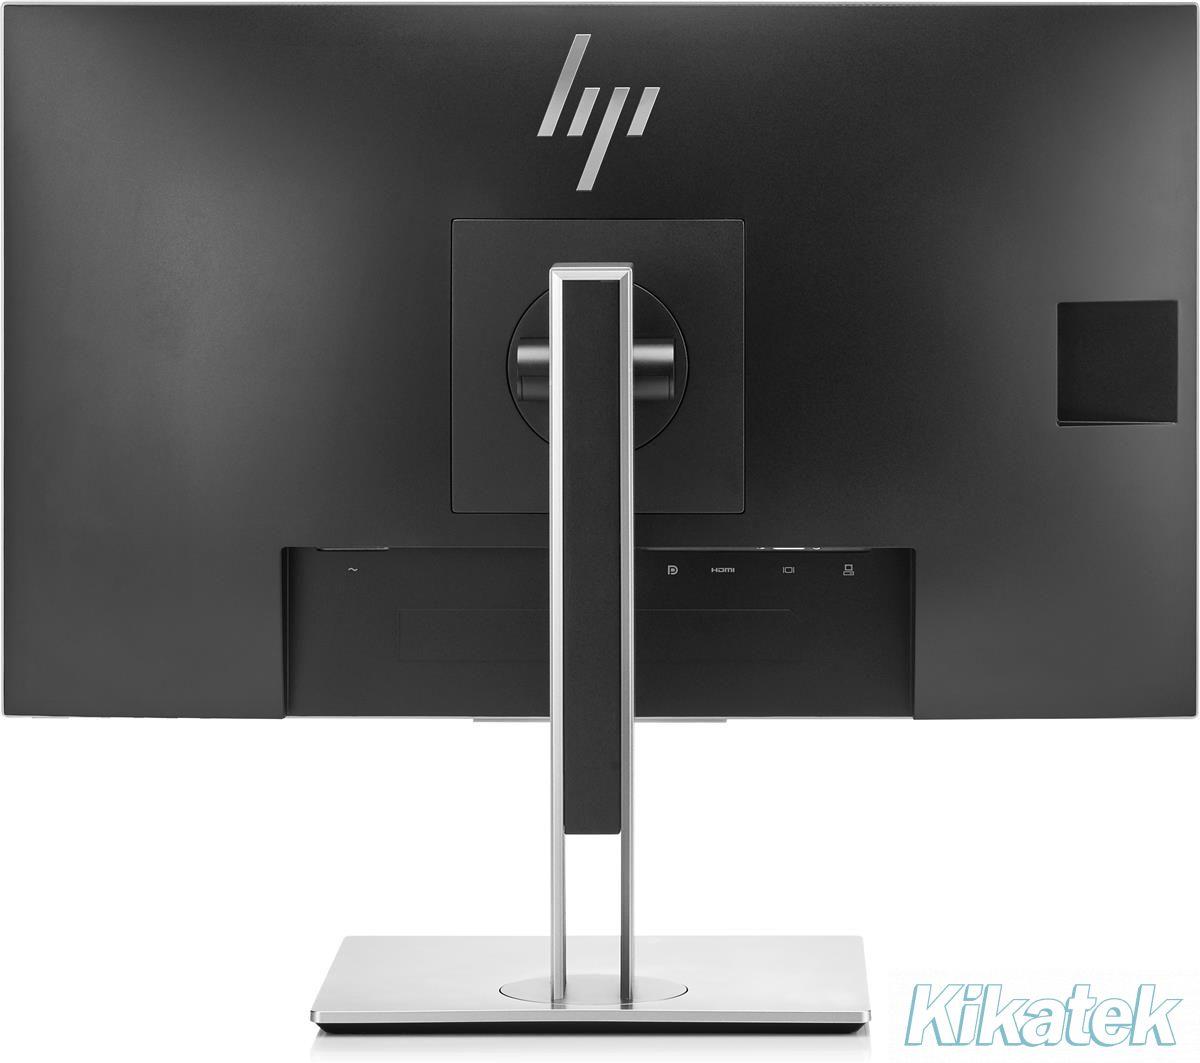 Hp elitedisplay e243 23 8 inch full hd led backlit for Gartengestaltung 1000 m2